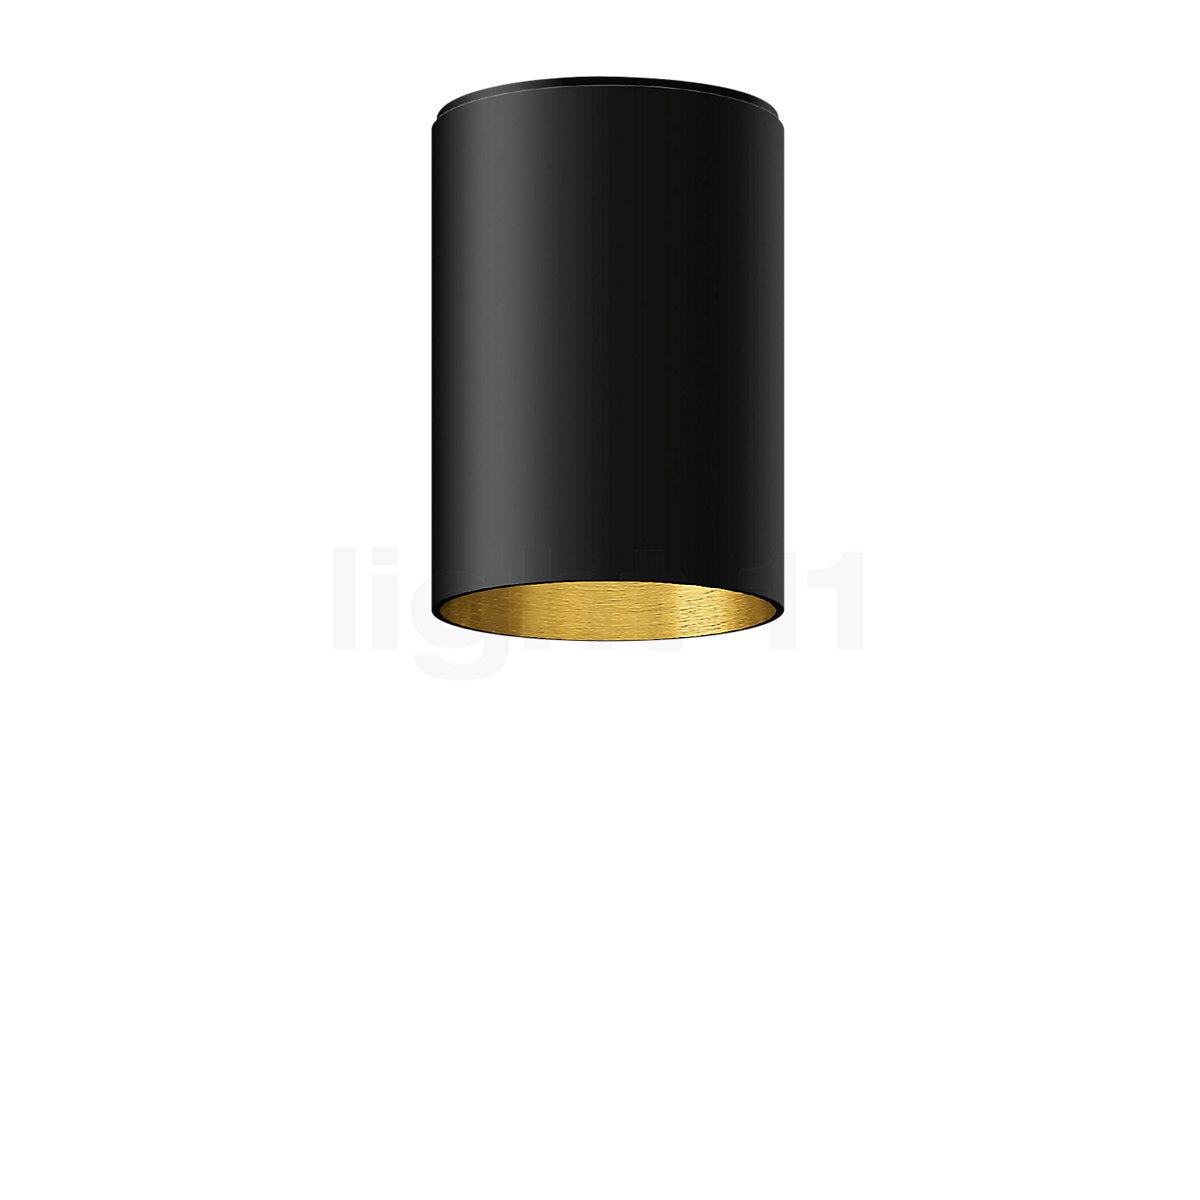 Sveglia A Doppia Campana Di Quarzo Analogico Sveglia Viaggi Vintage Orologio Silenziosa Luce Di Notte Classico Sveglia Da Comodino Funzionamento Silenzioso E Stile VintageBronze